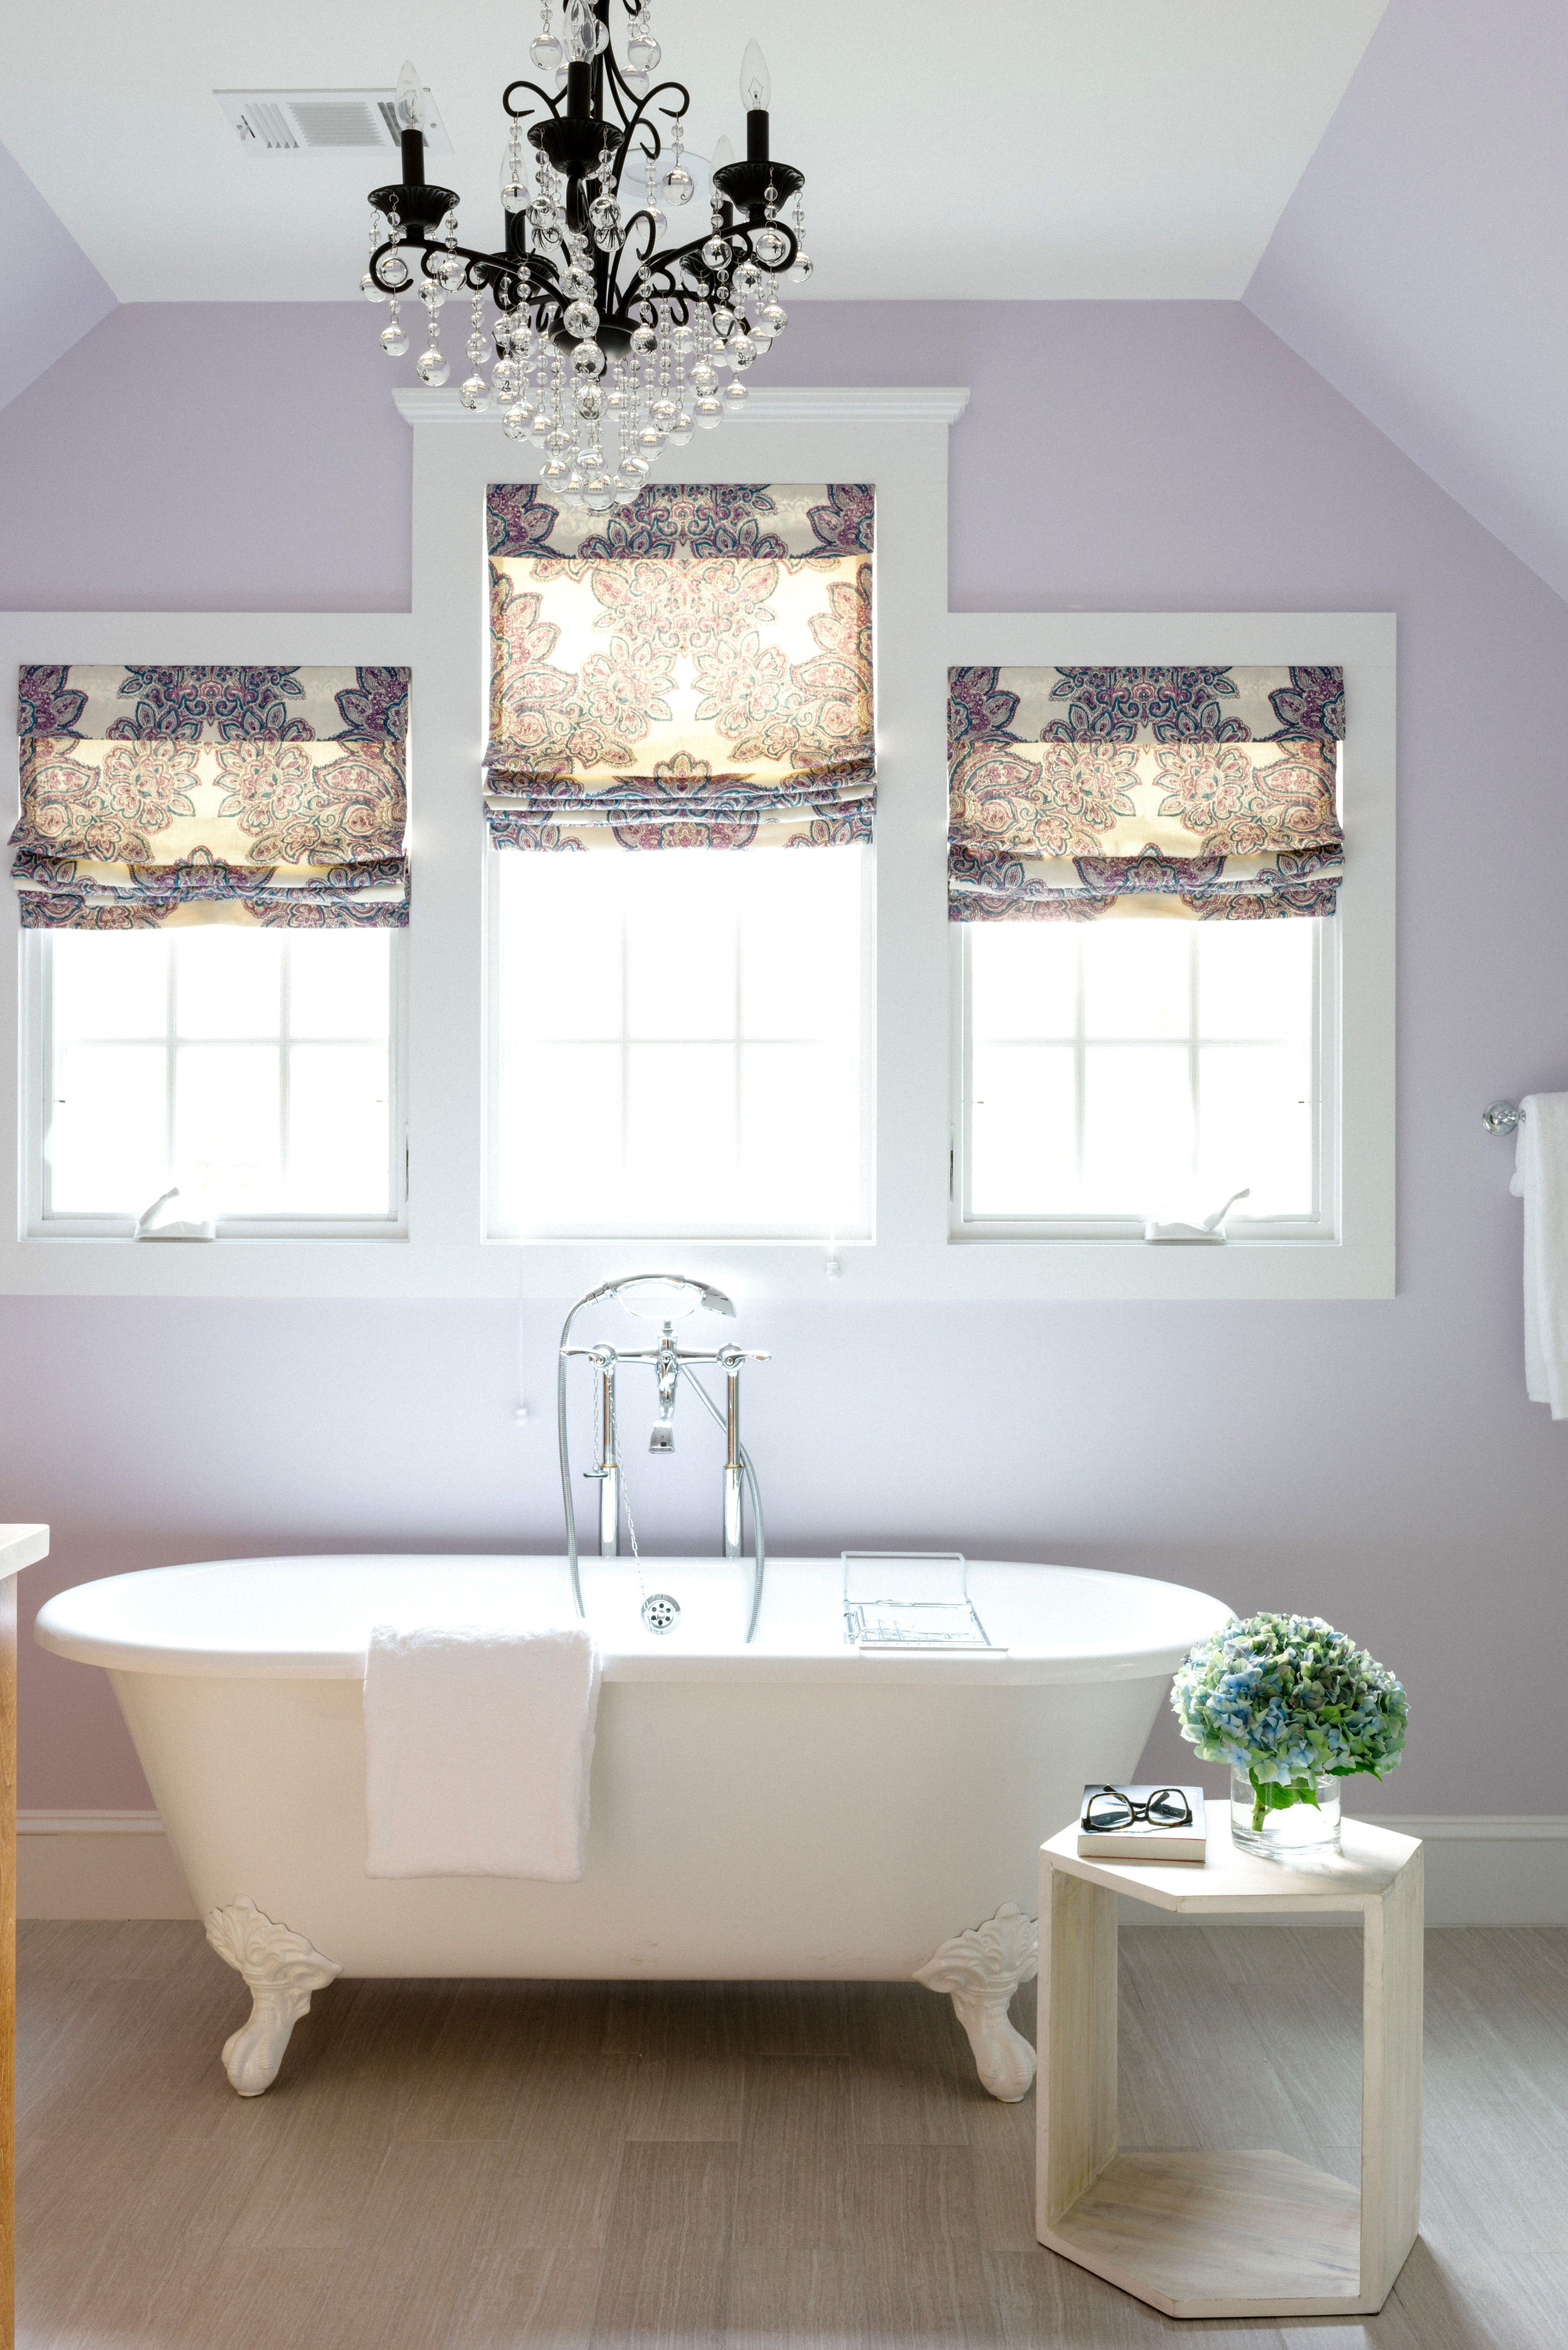 Badezimmer ideen 2018 bilder klassische badezimmer interieur design im eleganten look